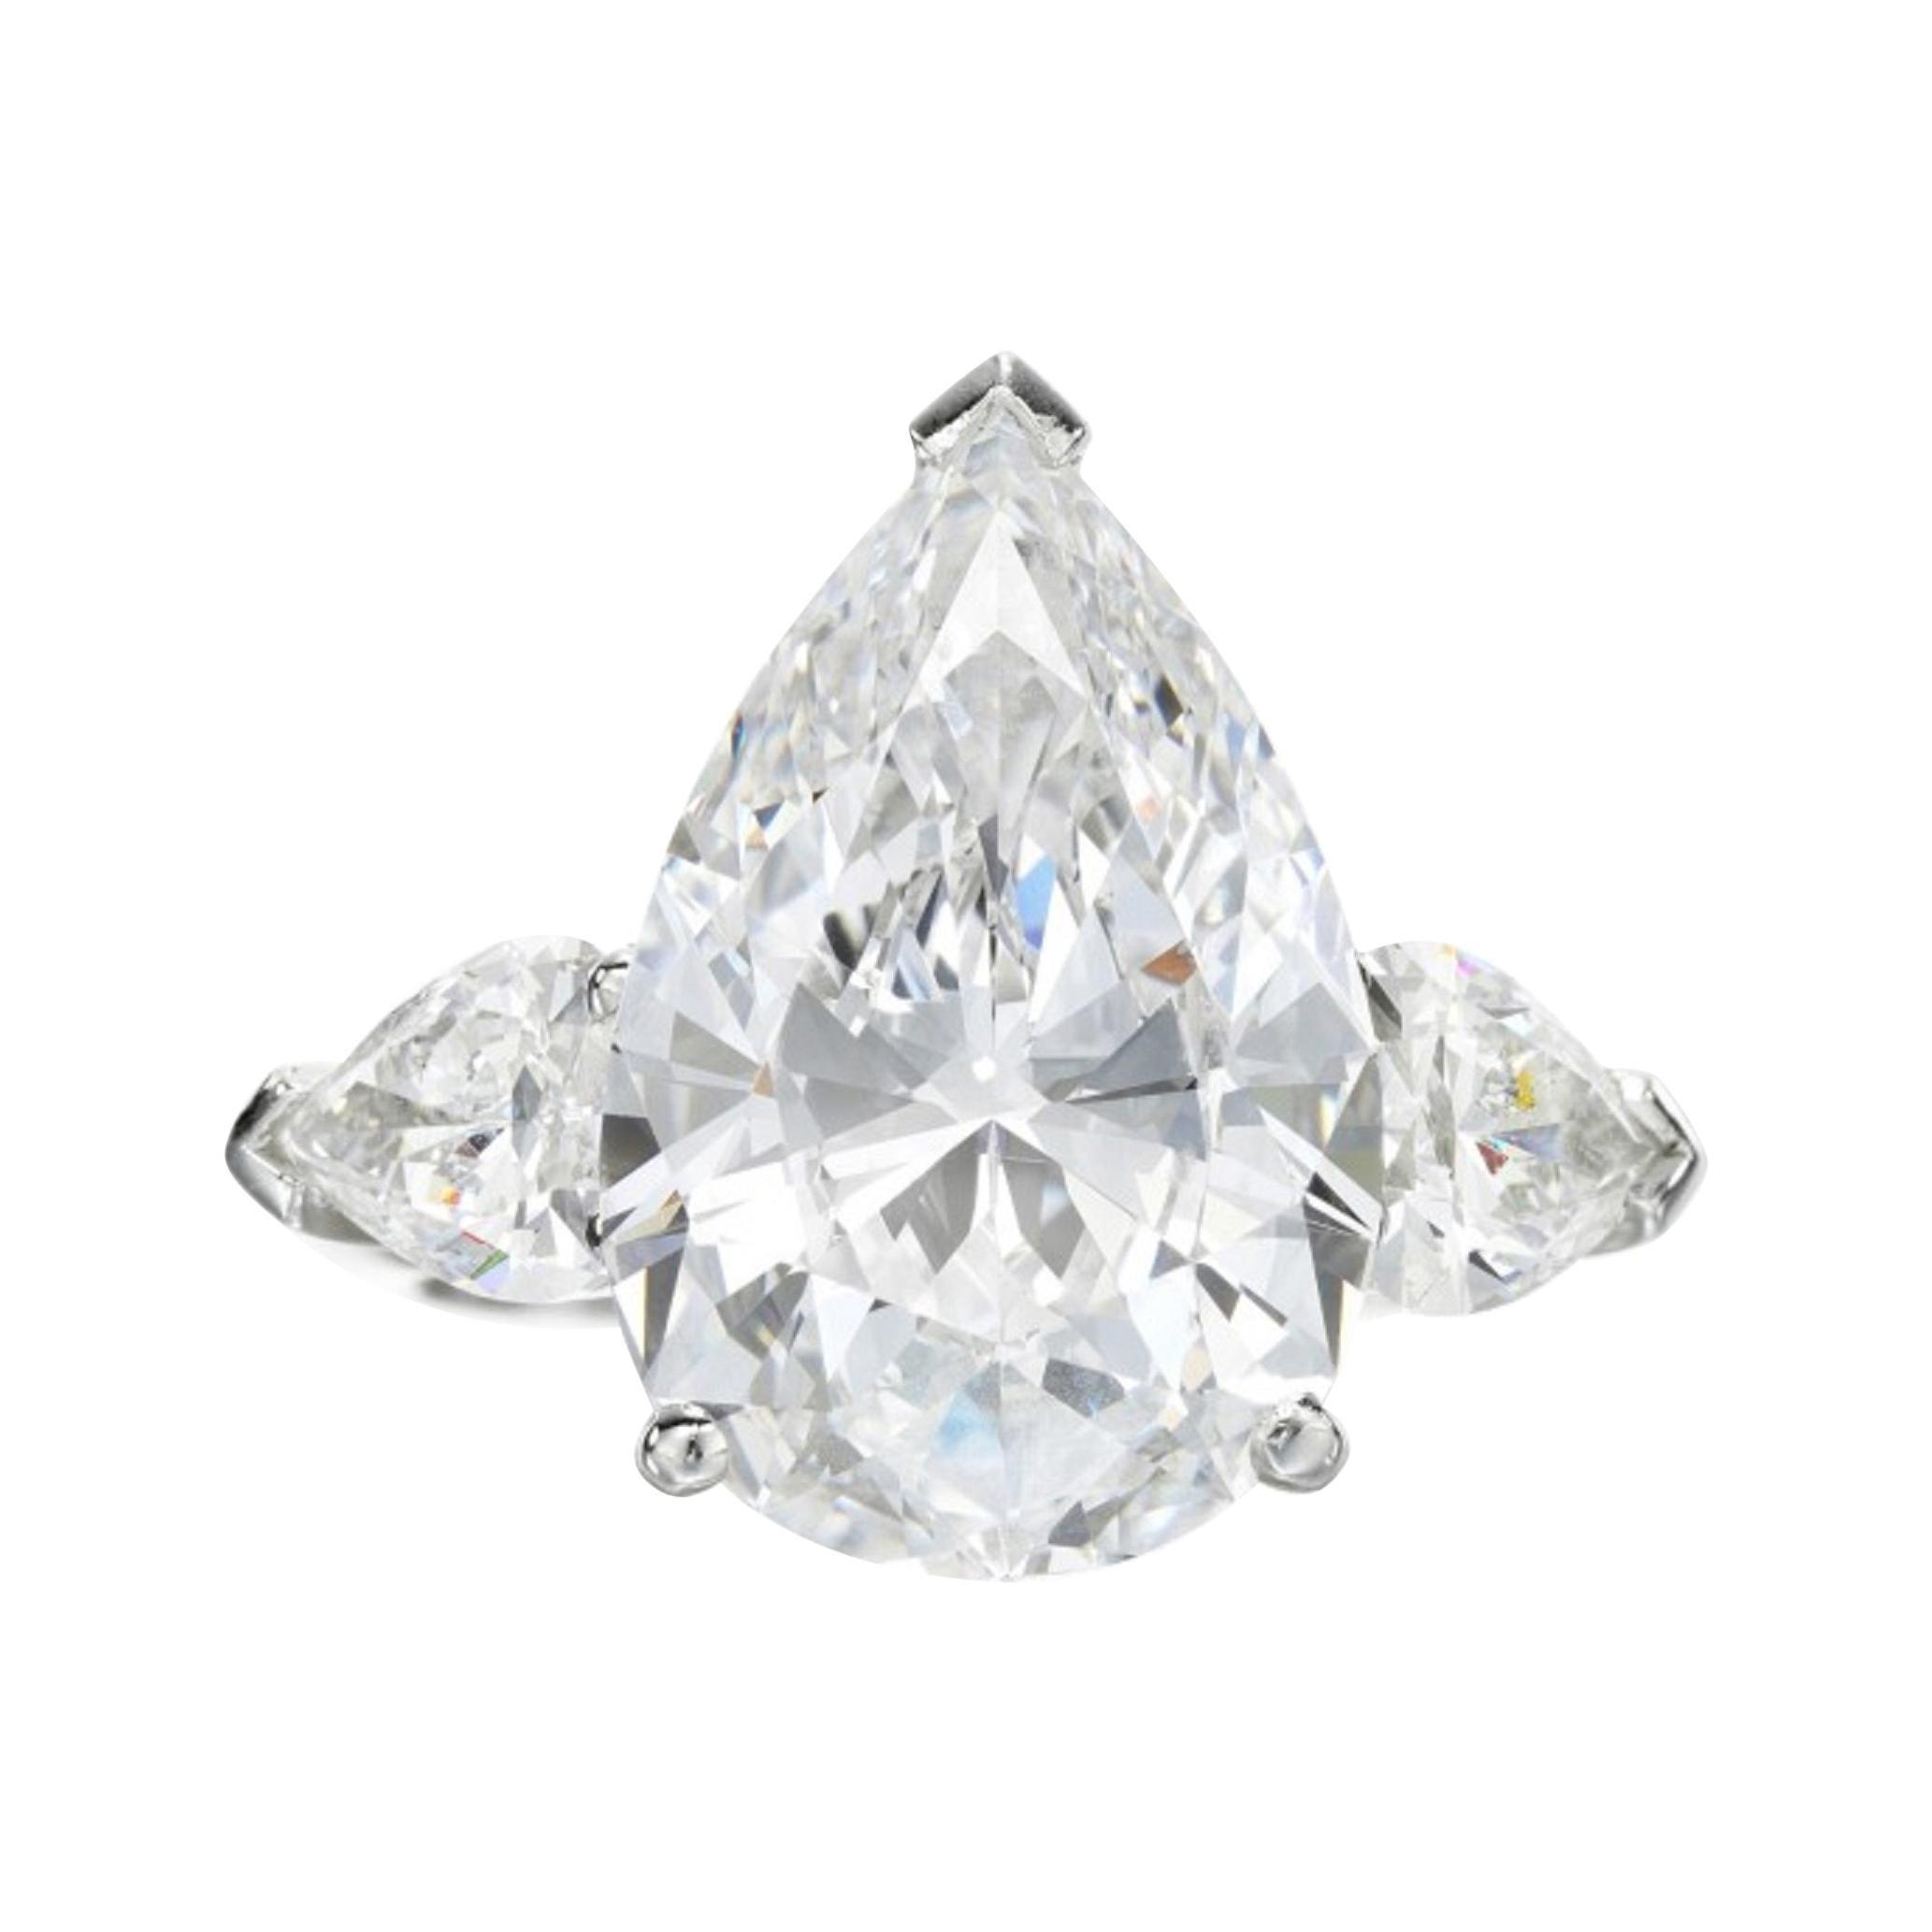 EGL Certified 3 Carat Pear Cut Three Stone Diamond Ring